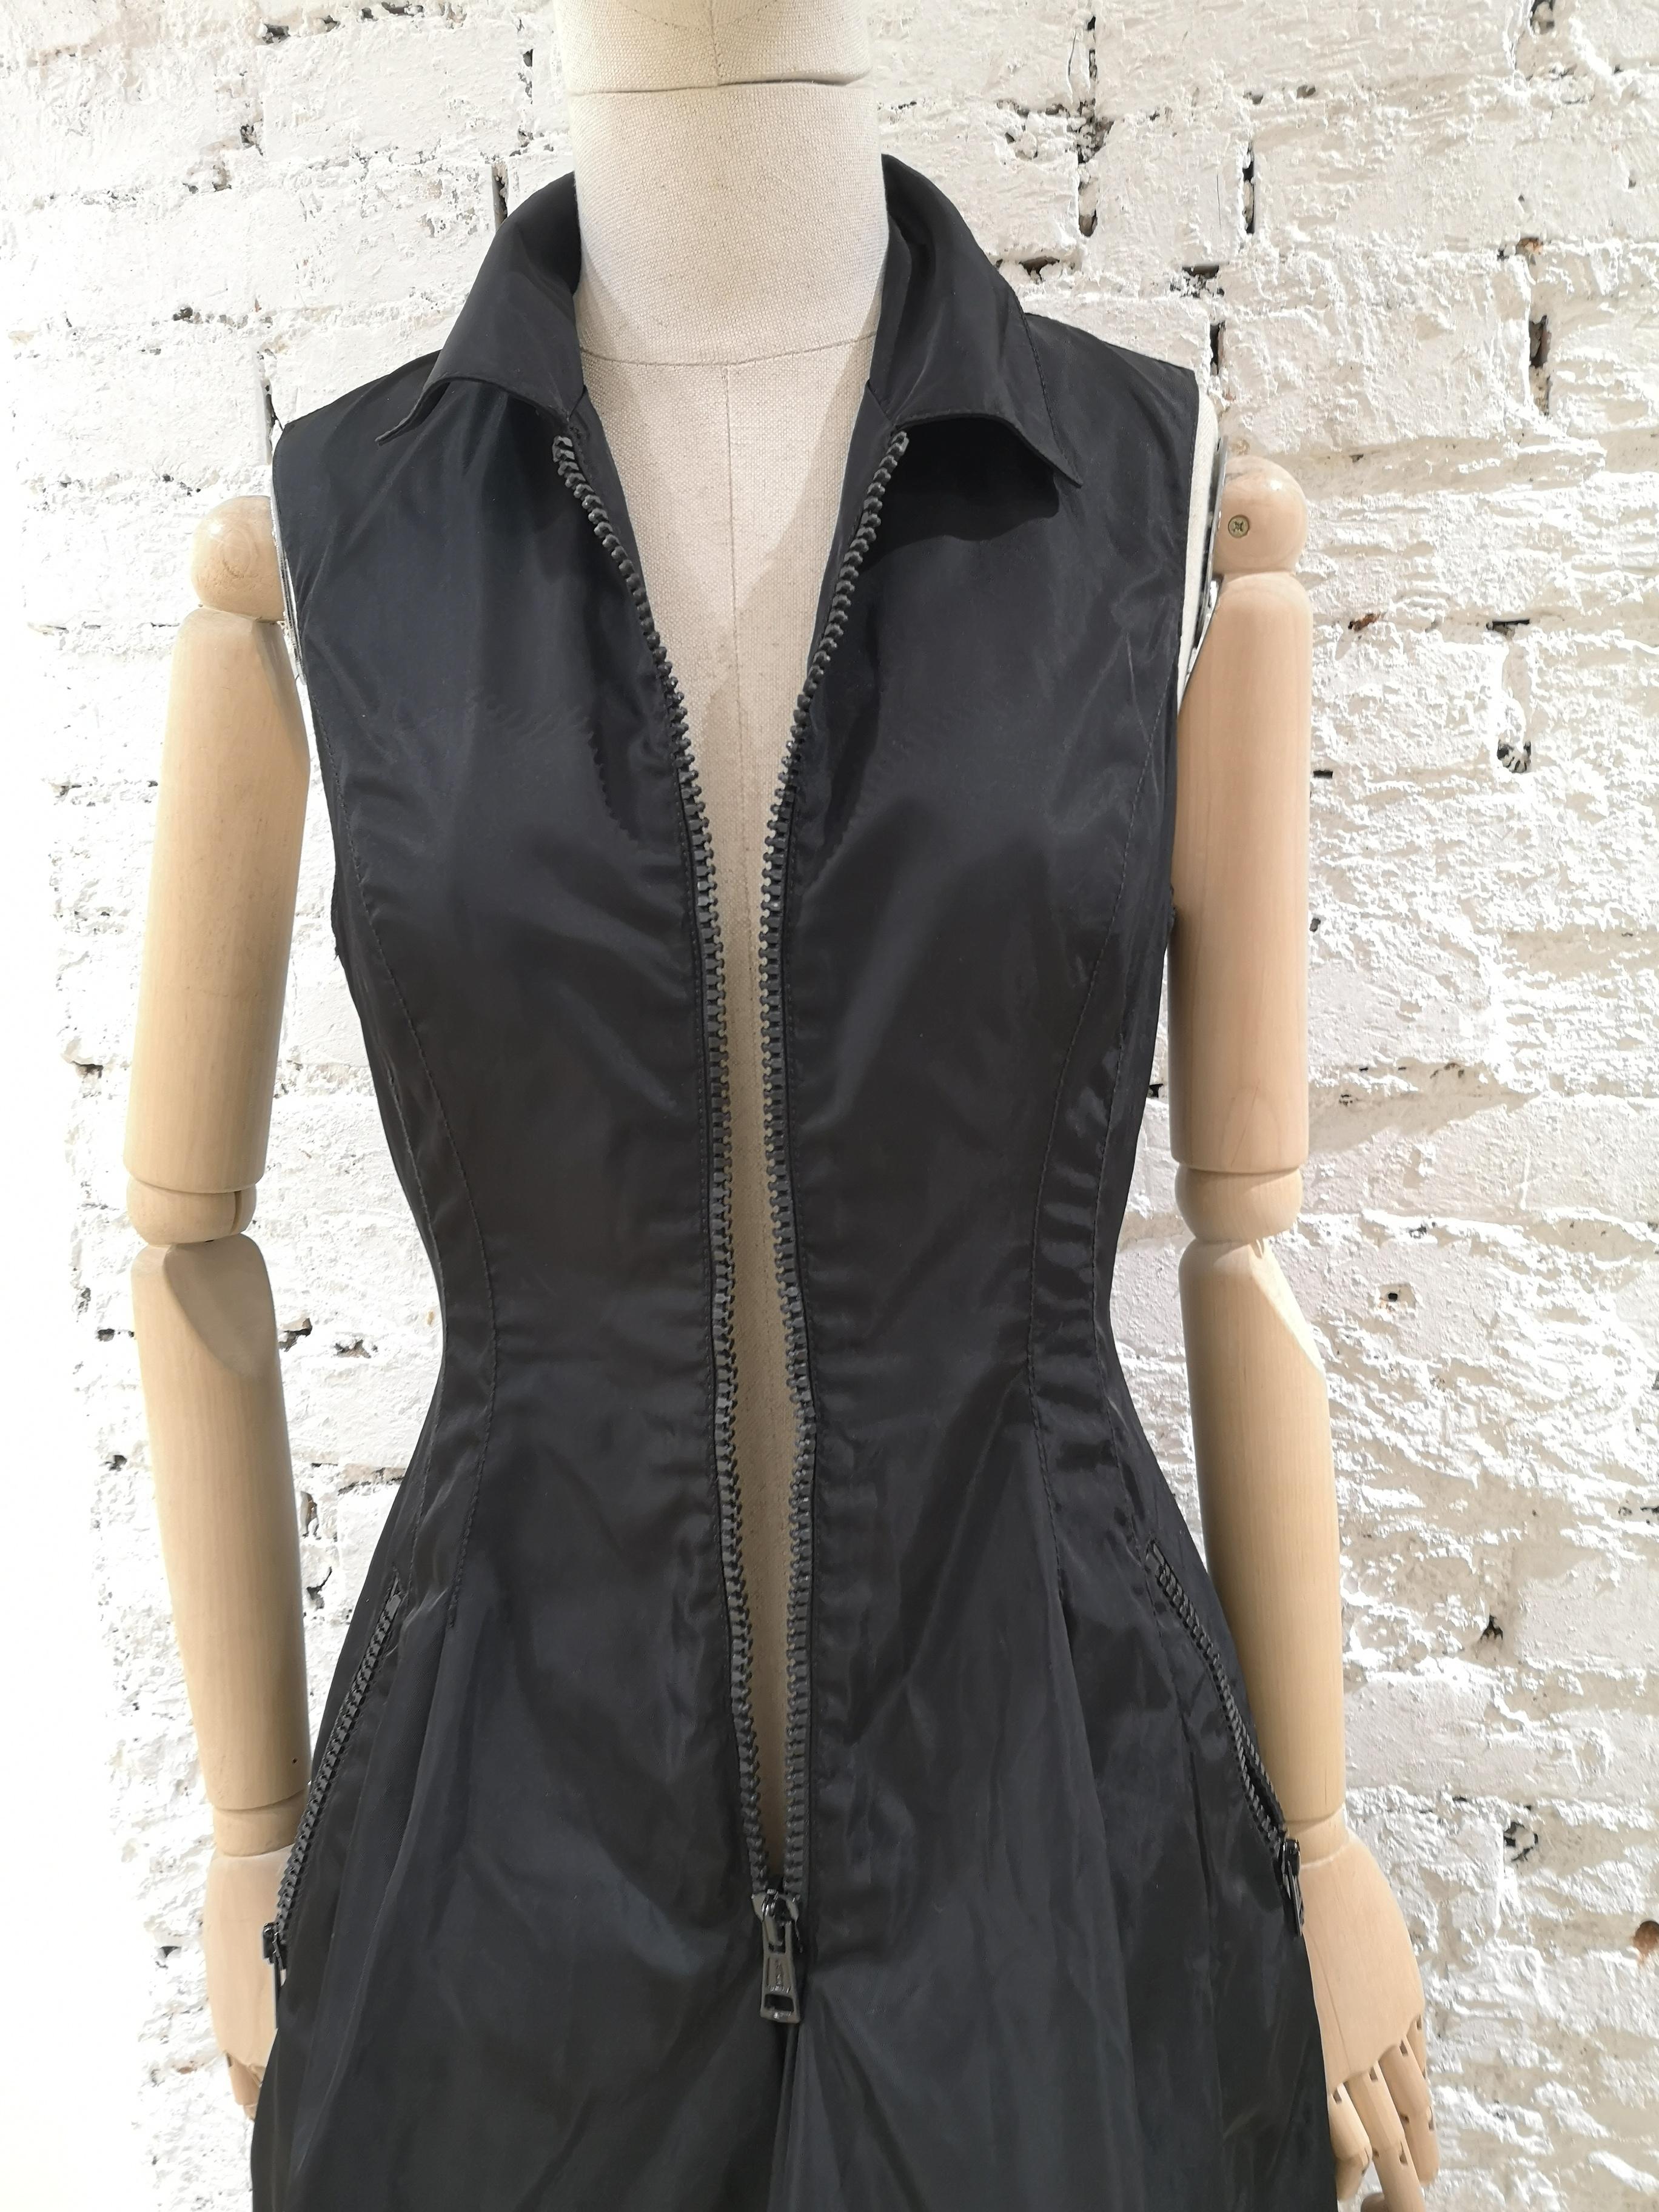 Prada Black Dress Prada | Dresses | AMGV0171250120NERO